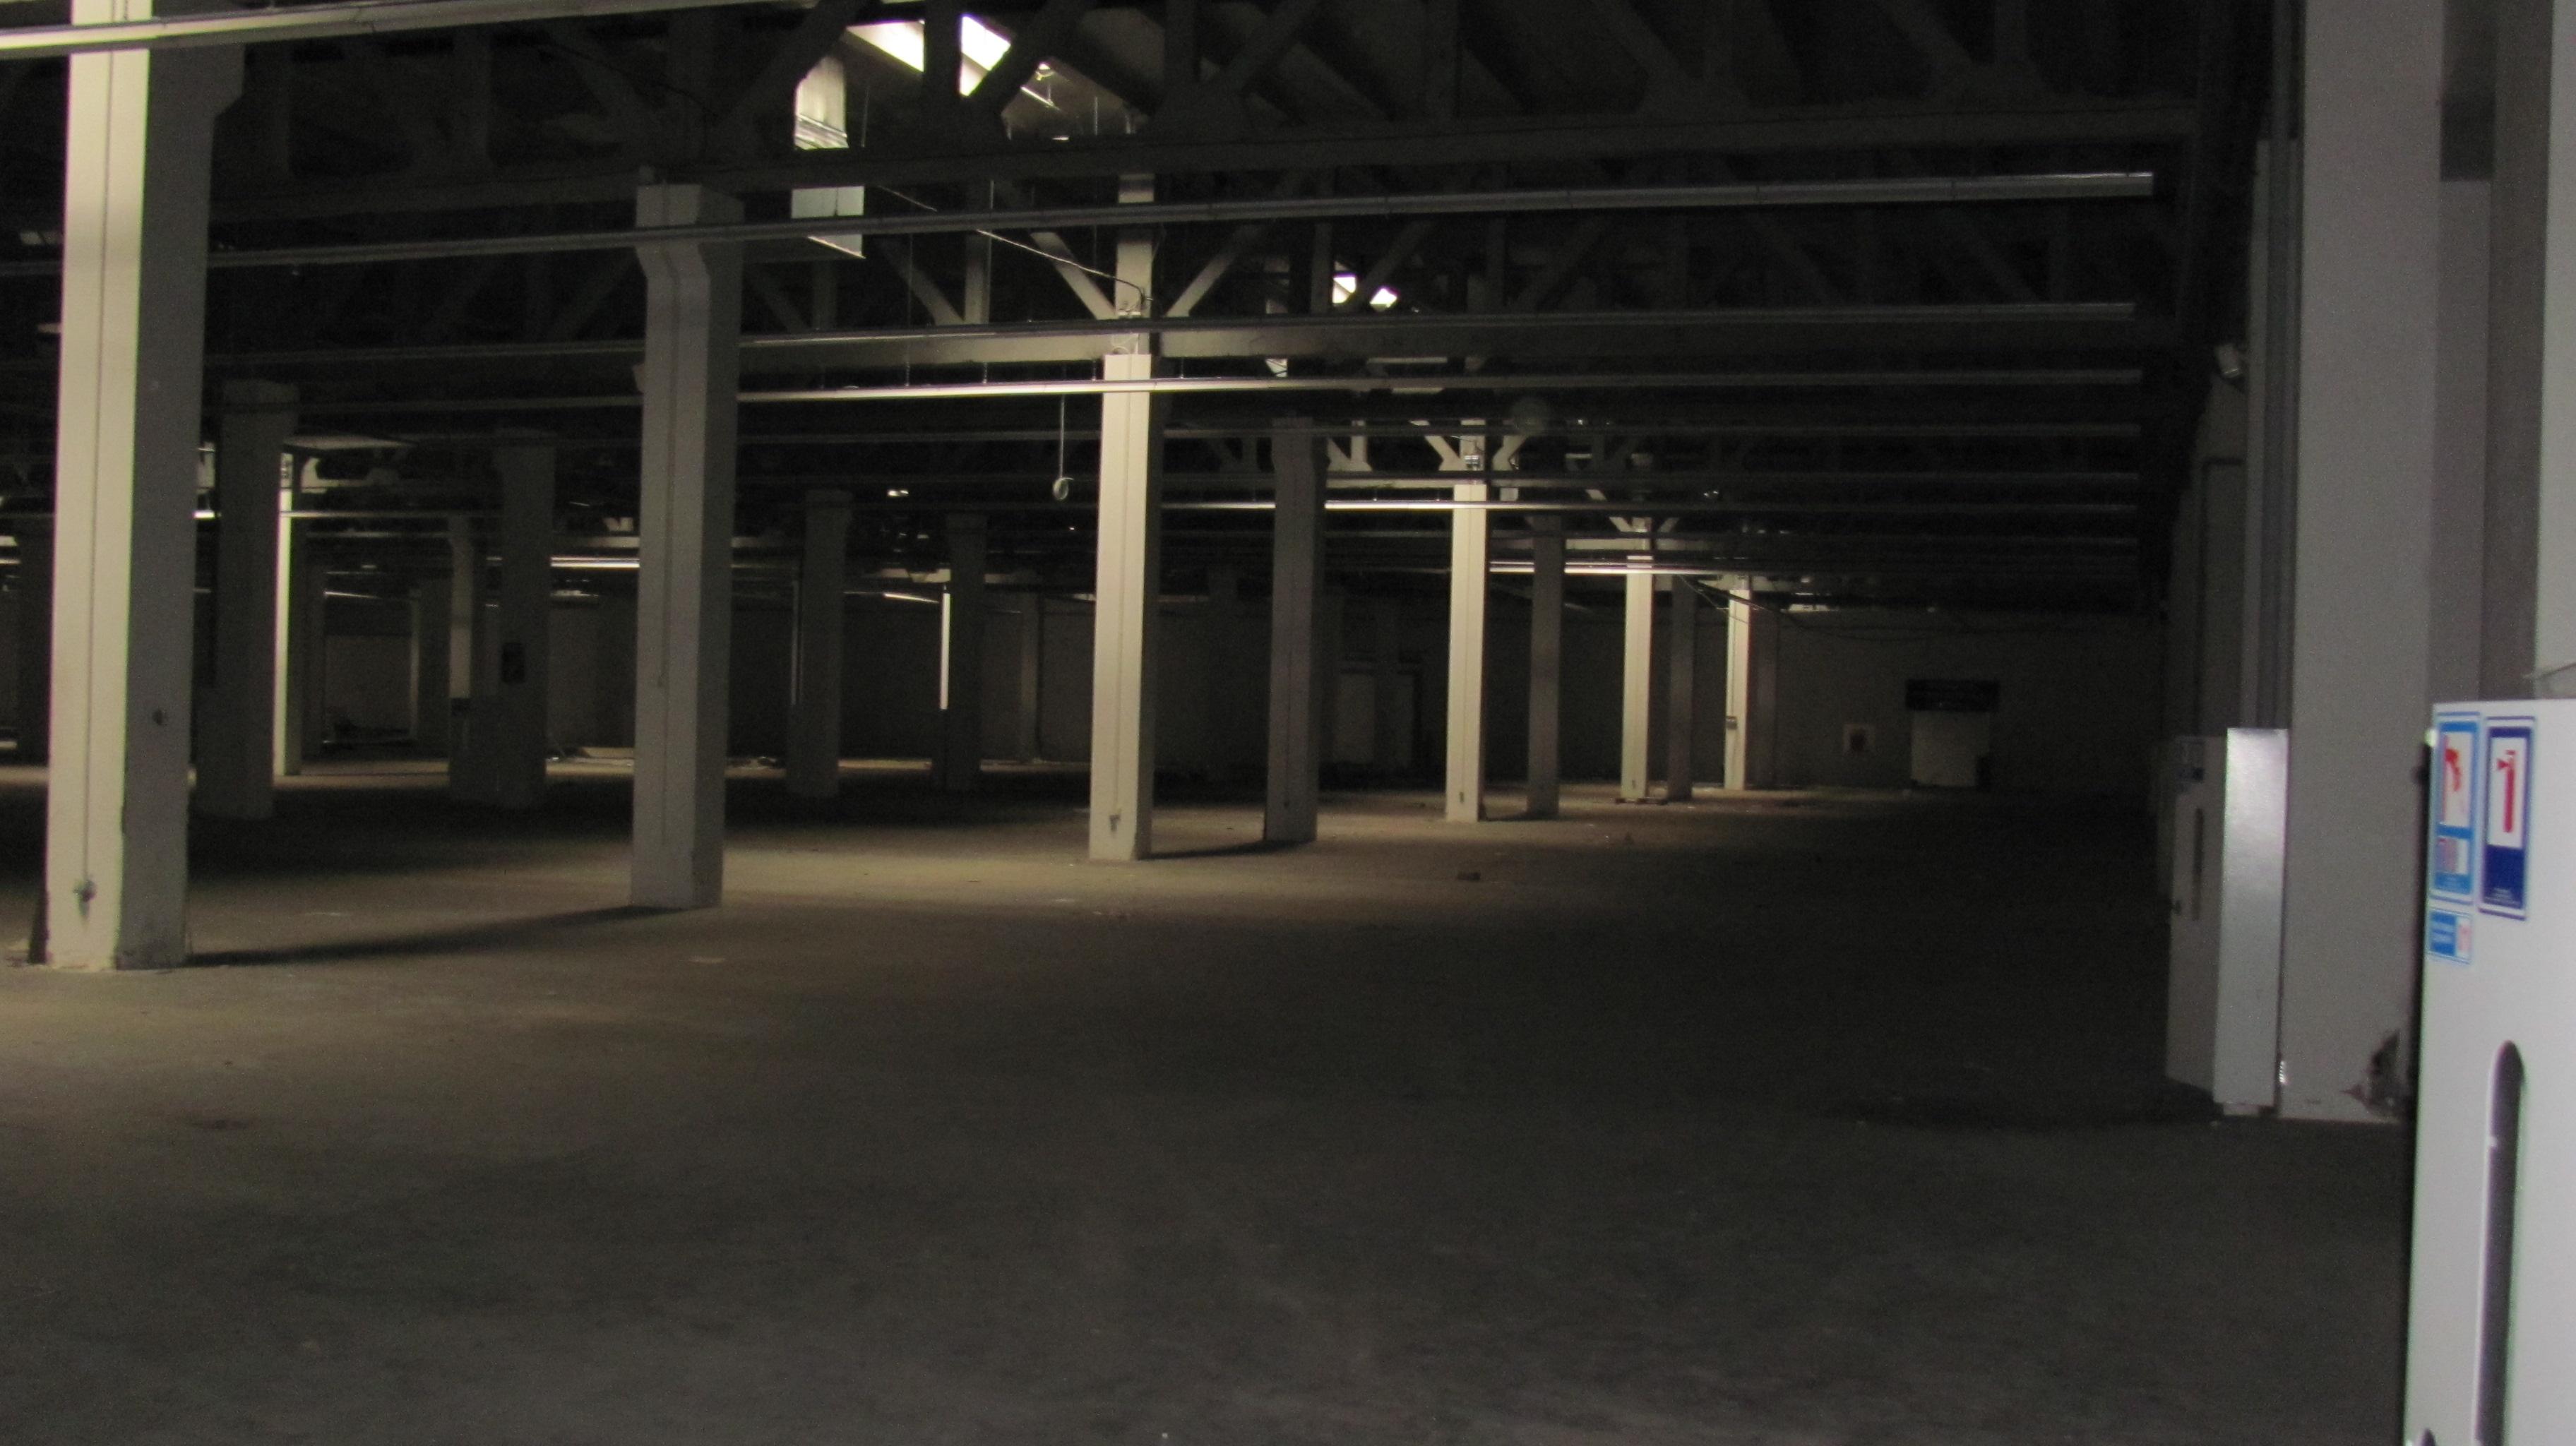 Нежитлове приміщення в м. Черкаси, проспект Хіміків, буд. 74, загальною площею 12 244,2 кв. м